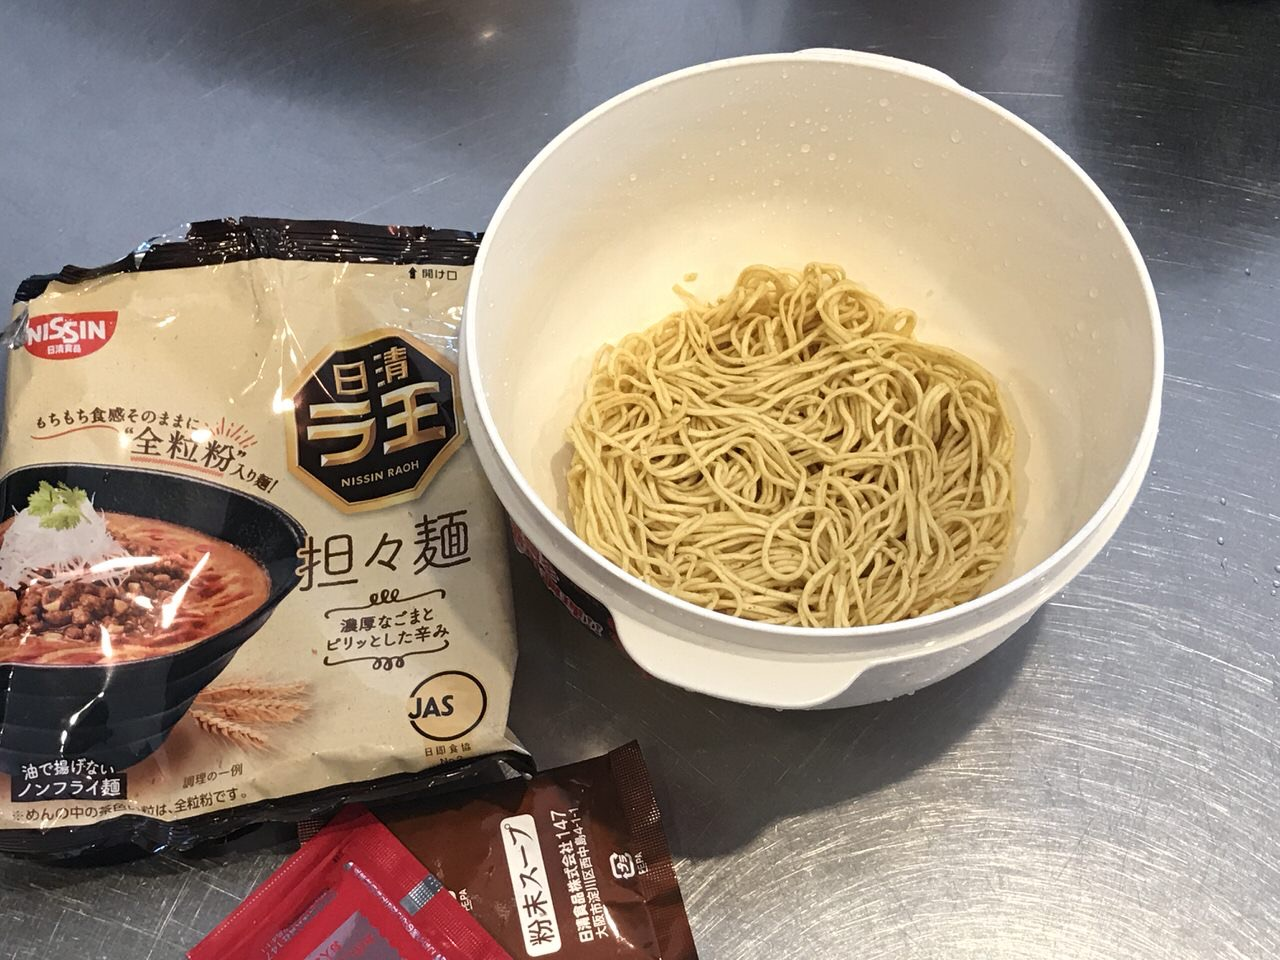 手軽で旨いレンチンする袋麺の油そば化計画 4